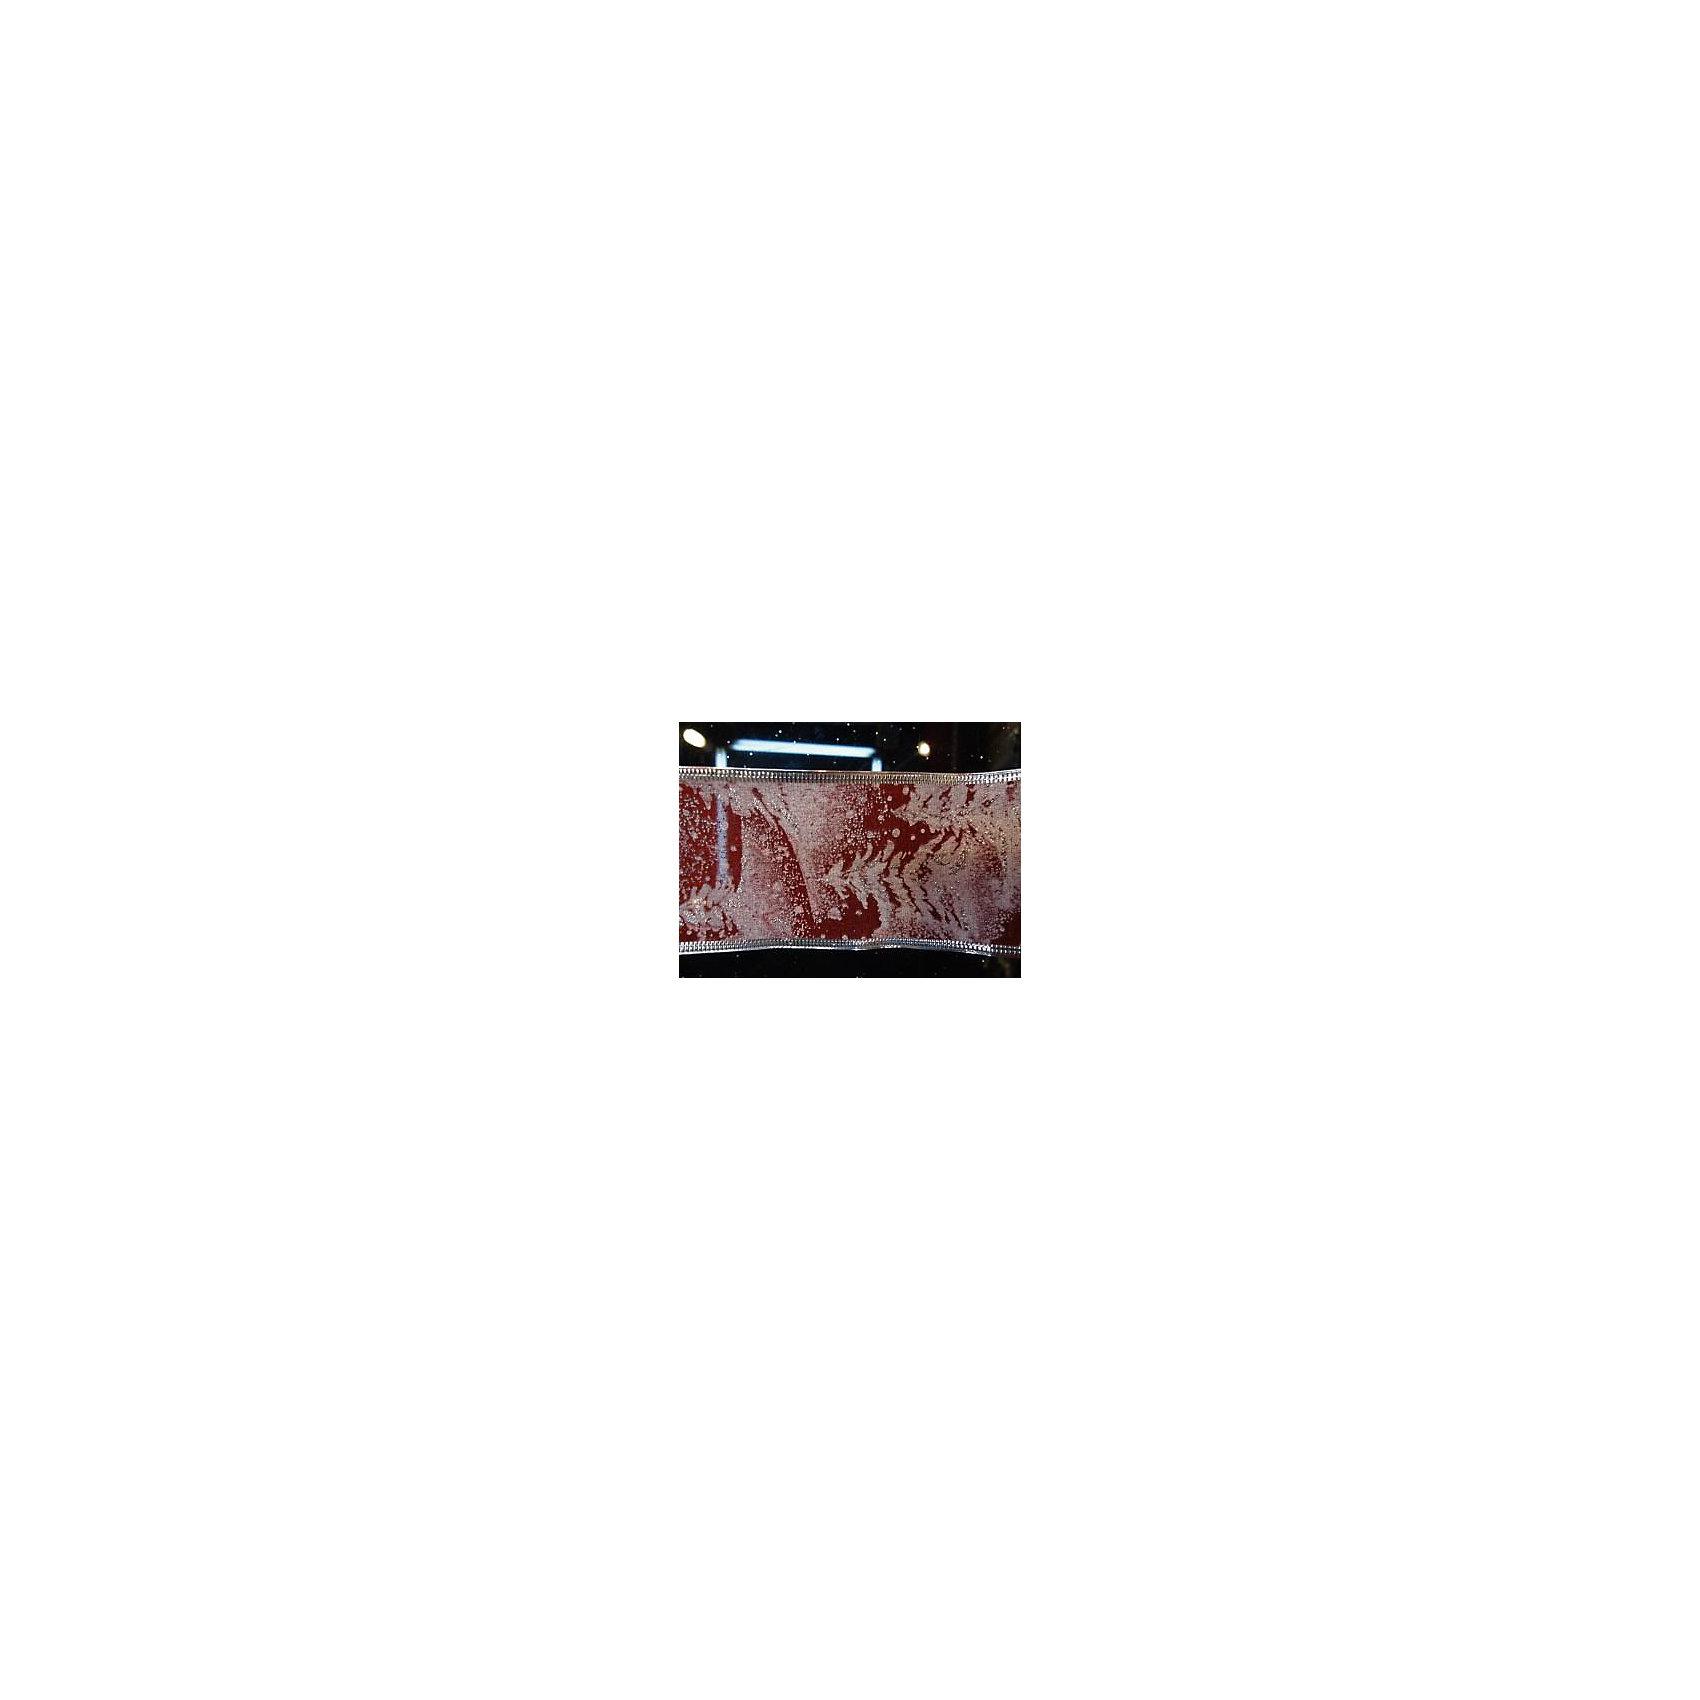 Декоративная лента 6,3*270 см на катушкеДекоративная лента на картонной катушке, Феникс-Презент, предназначена для оформления подарочных коробок и пакетов. Также она прекрасно подойдет для праздничного оформления интерьера и изготовления искусственных цветов. Лента красивого розового оттенка выполнена из<br>нейлона и украшена изображениями заснеженных елей и блестками. В края ленты вставлена проволока, благодаря чему ее легко фиксировать. <br><br><br>Дополнительная информация:<br><br>- Материал: нейлон.<br>- Размер ленты: 270 х 6,3 см.<br>- Размер упаковки: 8 х 8 х 8 см.<br>- Вес: 56 гр. <br><br>Декоративную ленту на катушке, Феникс-Презент, можно купить в нашем интернет-магазине.<br><br>Ширина мм: 100<br>Глубина мм: 100<br>Высота мм: 100<br>Вес г: 56<br>Возраст от месяцев: 36<br>Возраст до месяцев: 2147483647<br>Пол: Унисекс<br>Возраст: Детский<br>SKU: 4274677